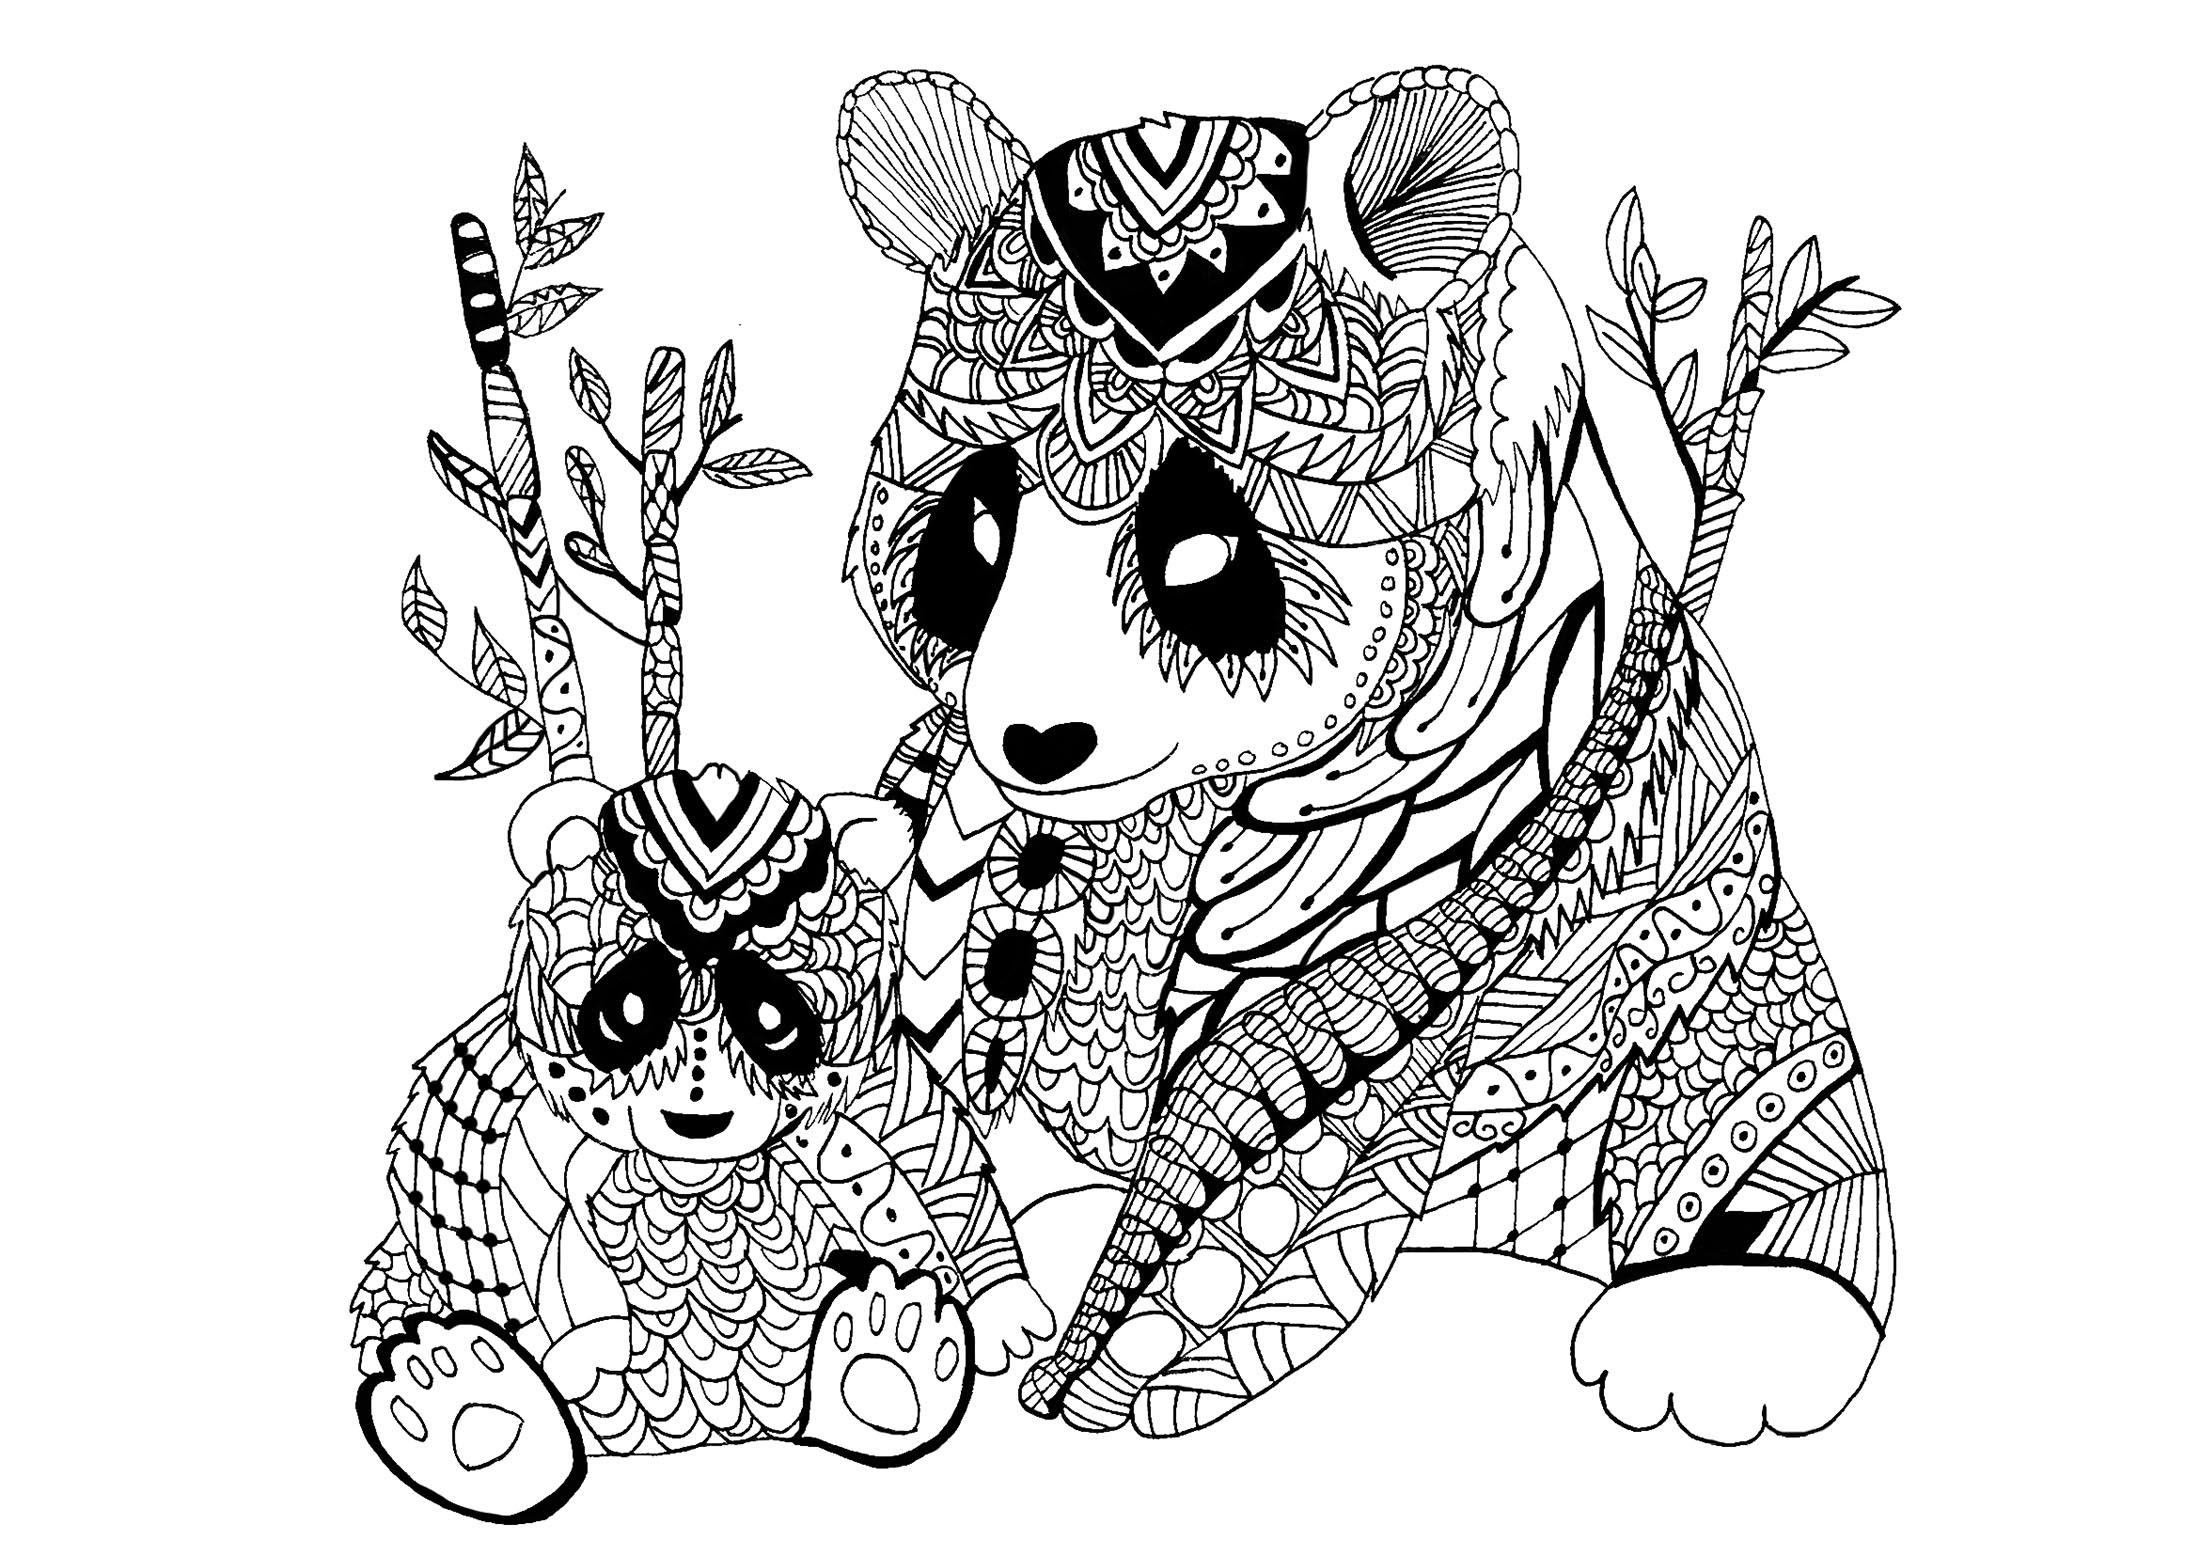 Panda celine pandas coloriages difficiles pour adultes - Coloriage panda roux mandala ...